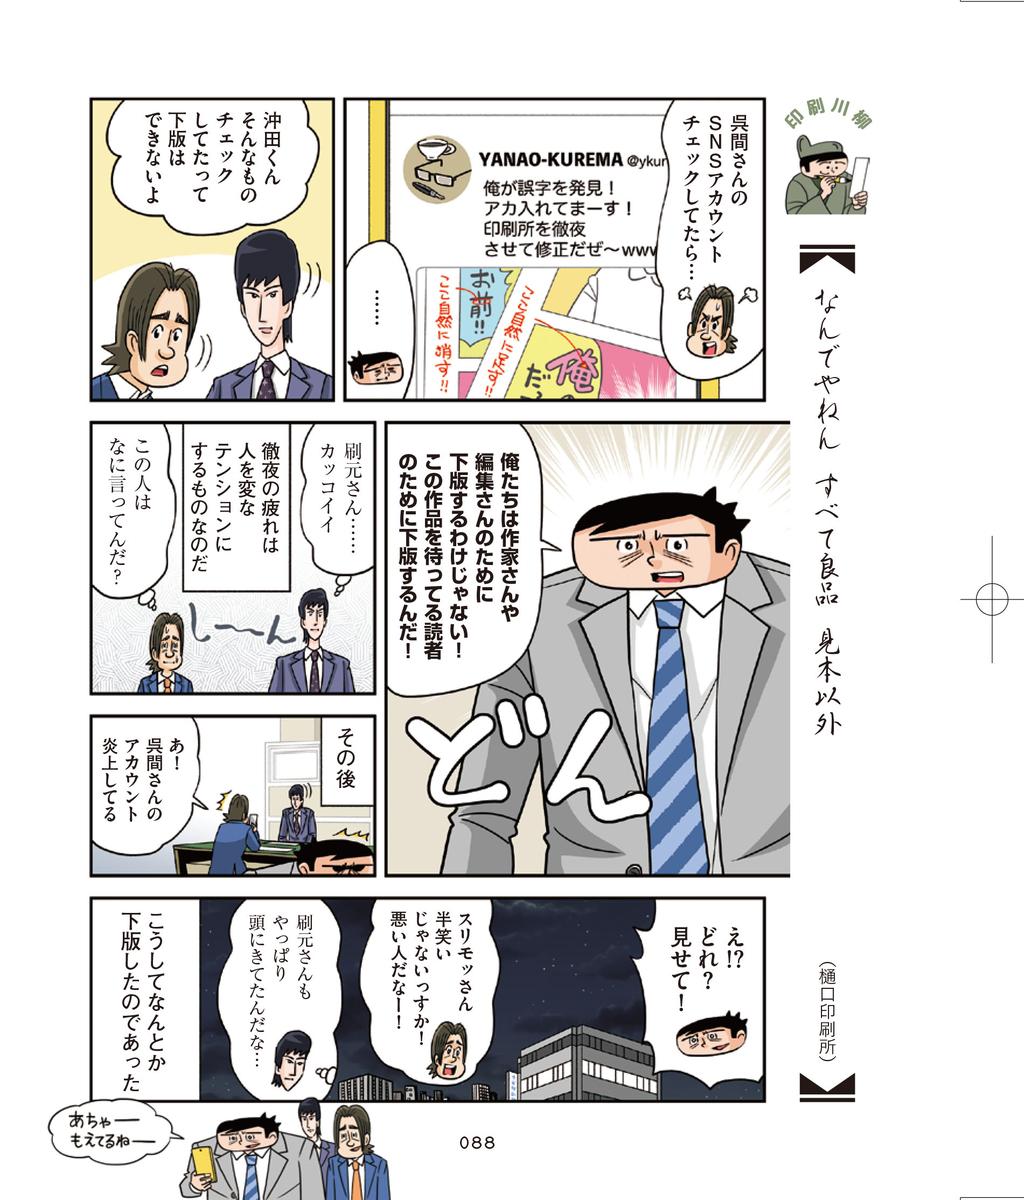 f:id:mojiru:20191120081957j:plain